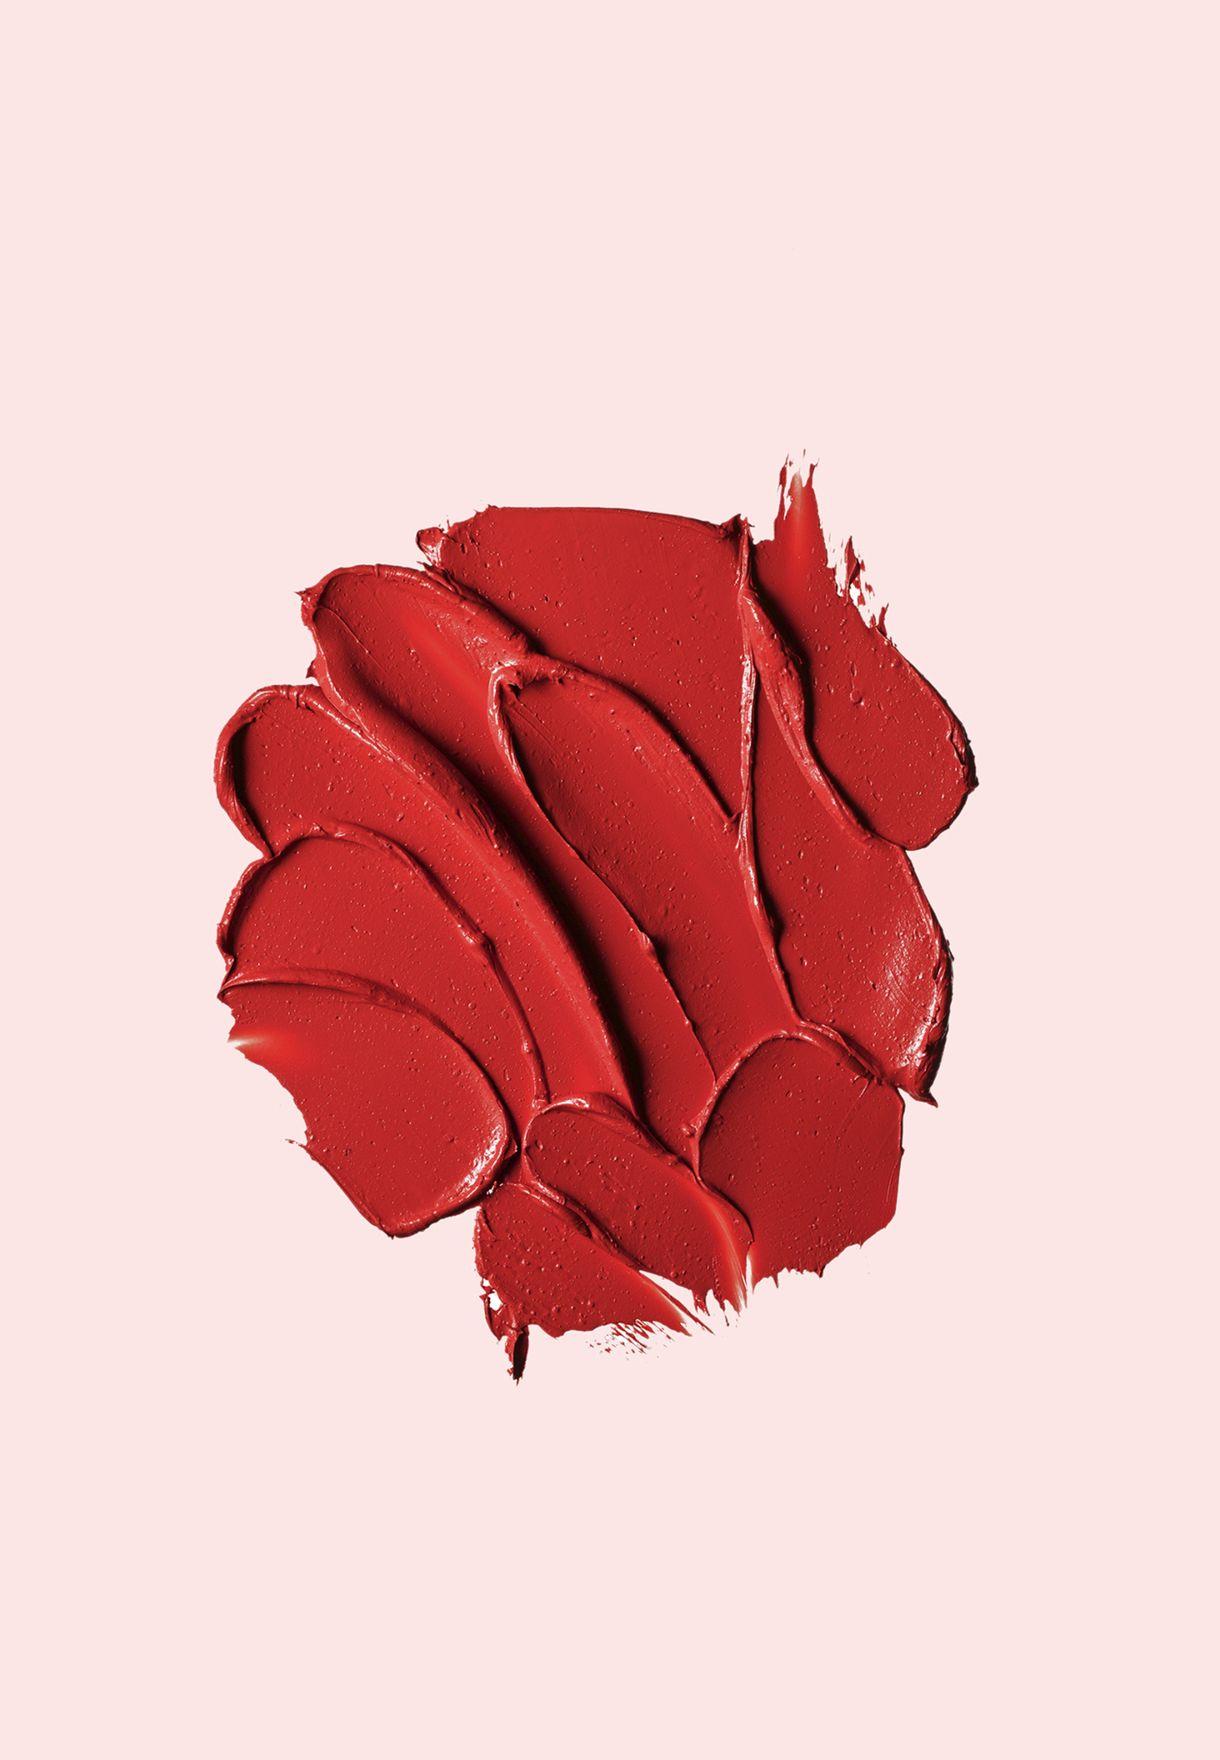 احمر شفاه مطفي - ريد روك